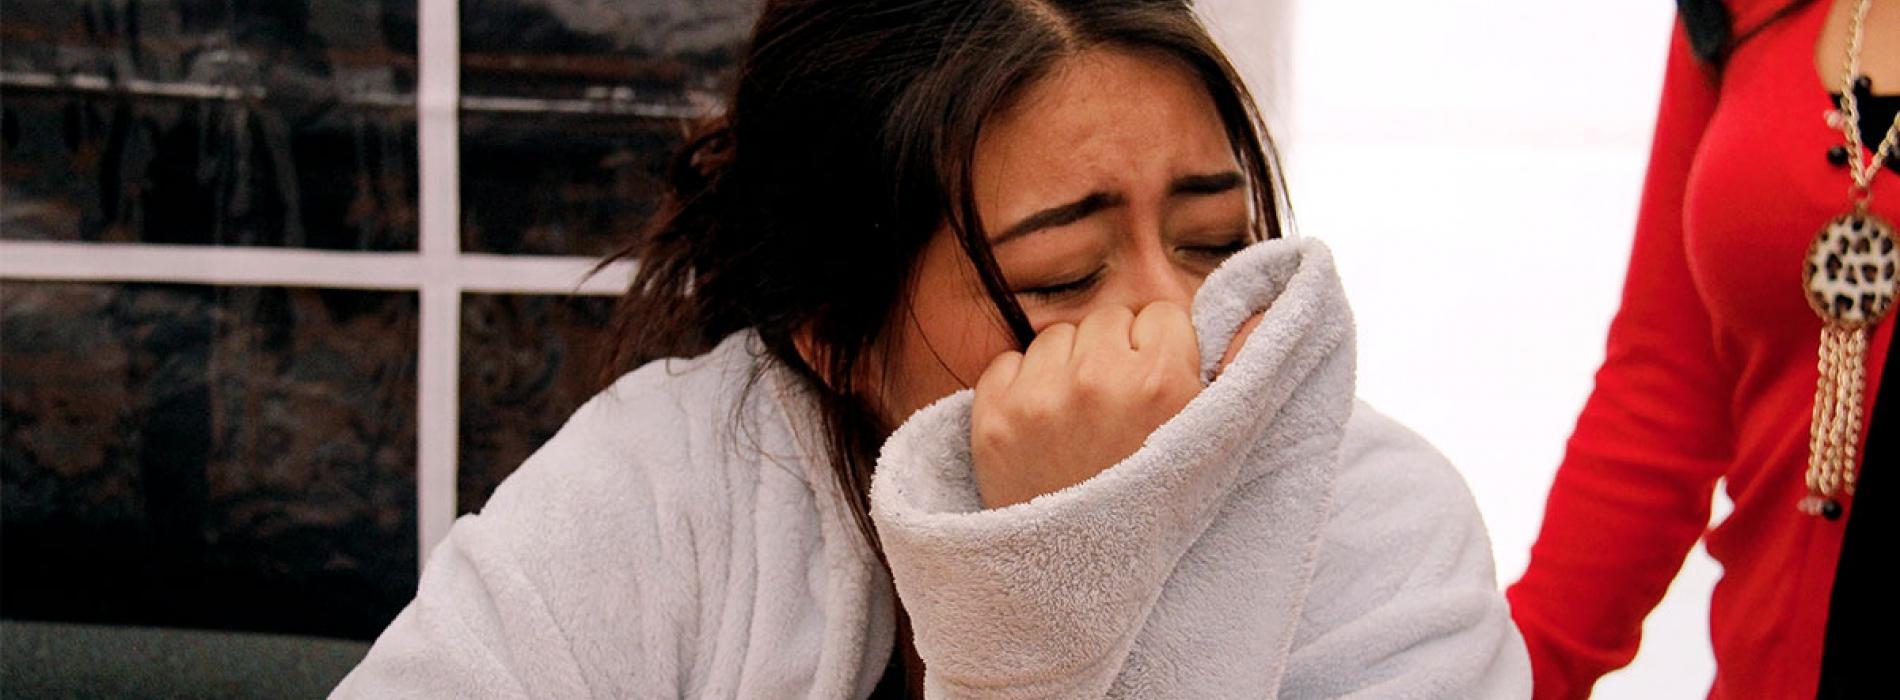 Mitos y verdades sobre el consumo de drogras - Psicología Clínica UTPL